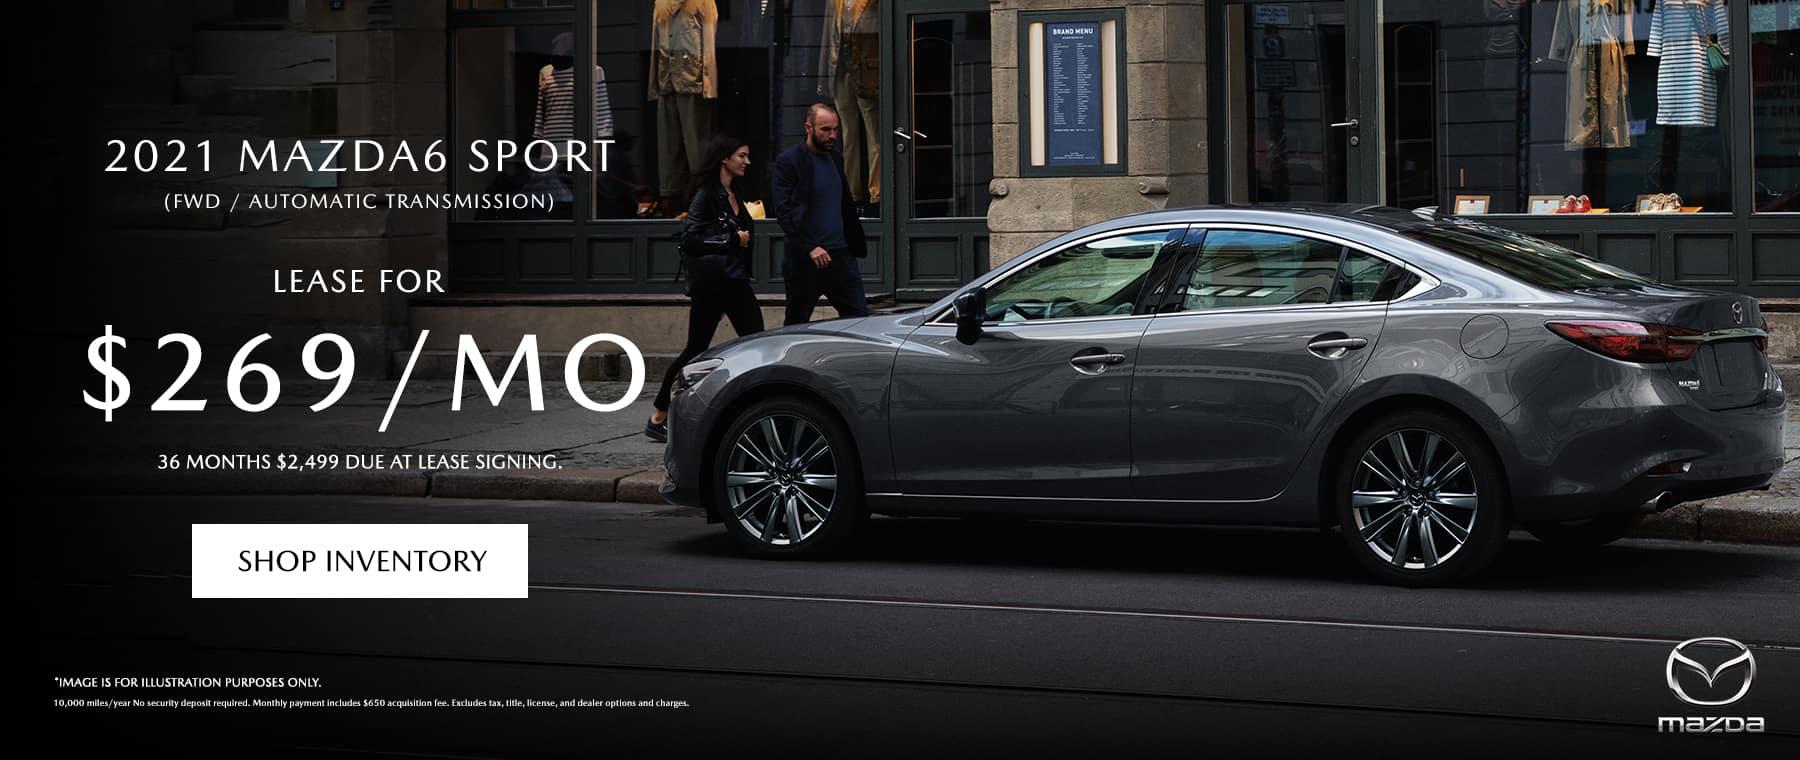 2021 Mazda6 Sport